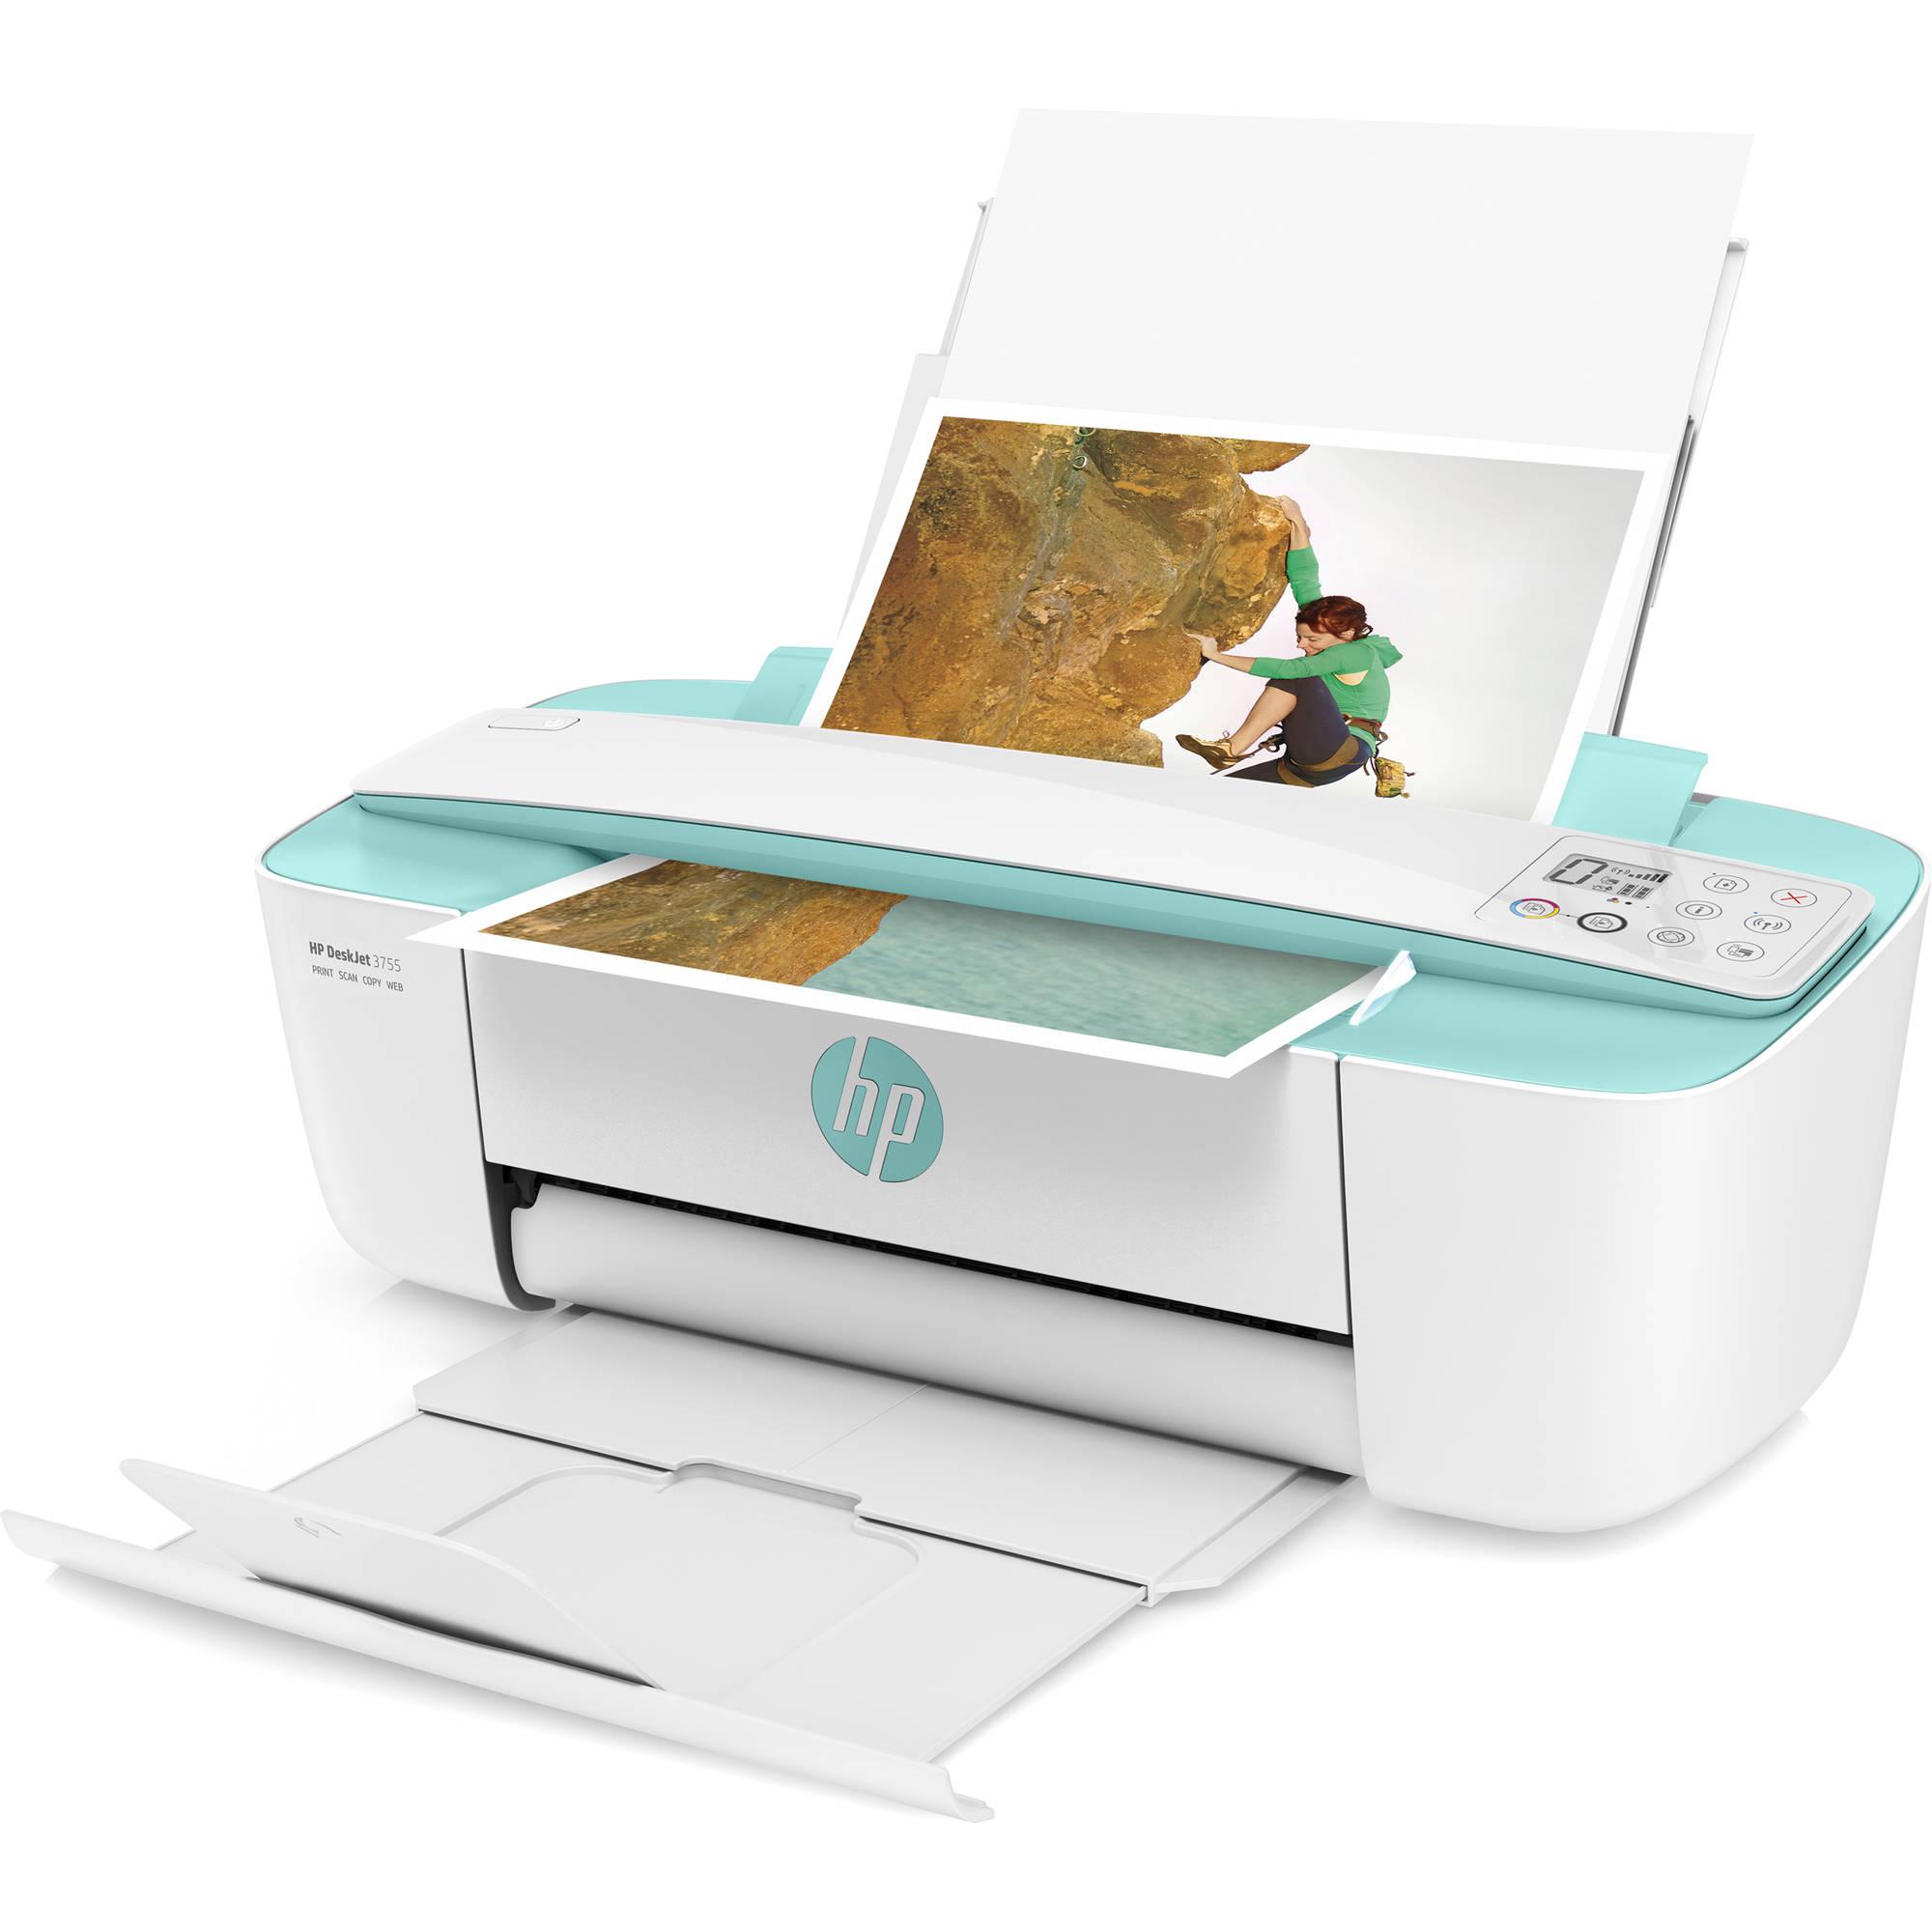 HP DeskJet 3755 All-in-One Inkjet Printer (Sea Foam Green)